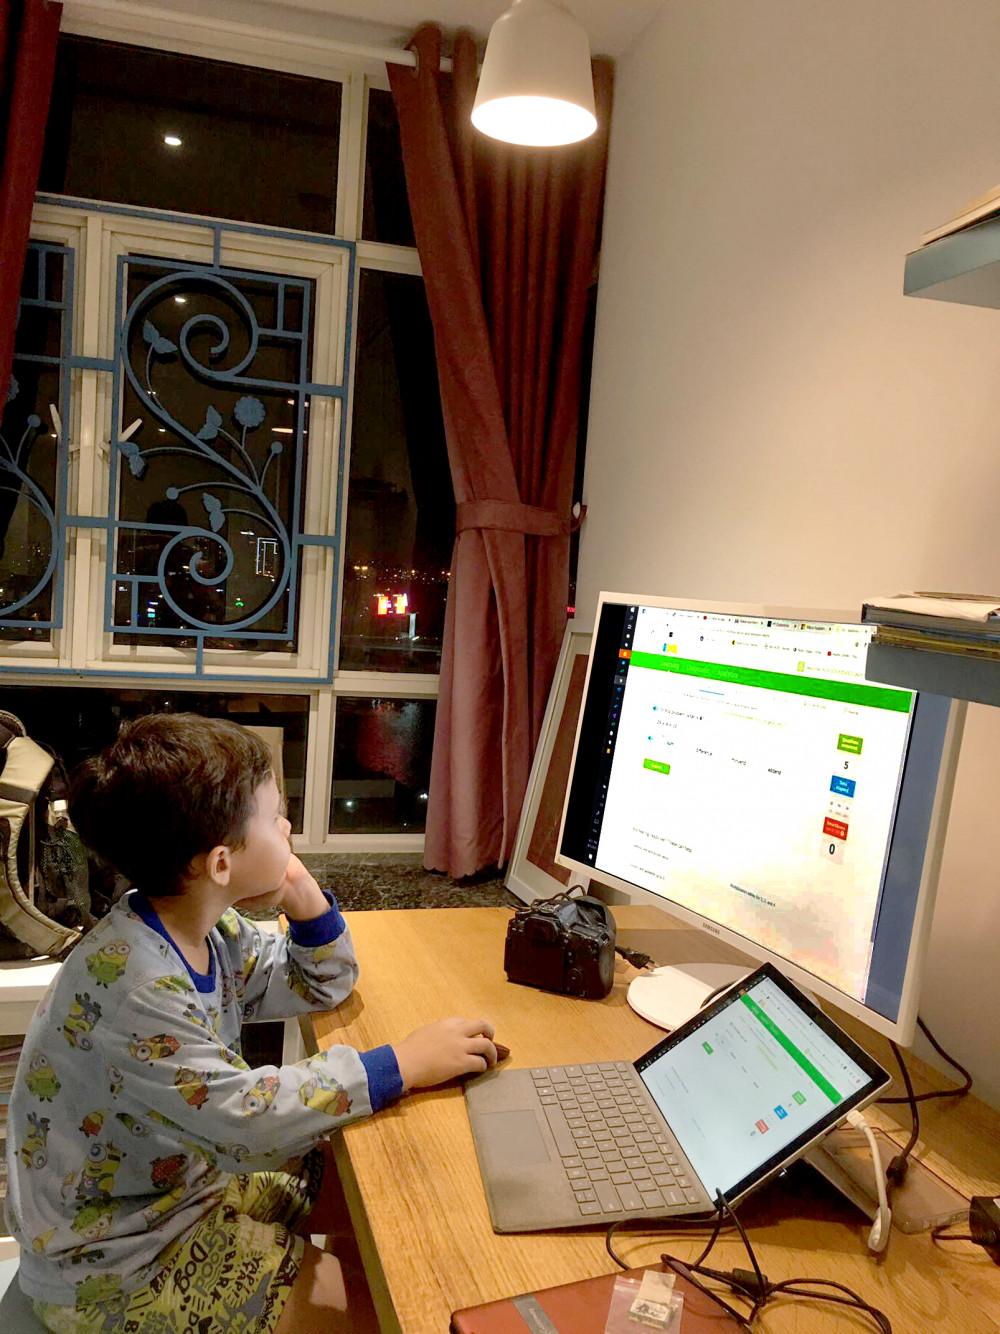 Trẻ học online không hiệu quả bằng đến lớp,  phụ huynh cho rằng đóng đủ học phí là không hợp lý - Ảnh: N. Phương